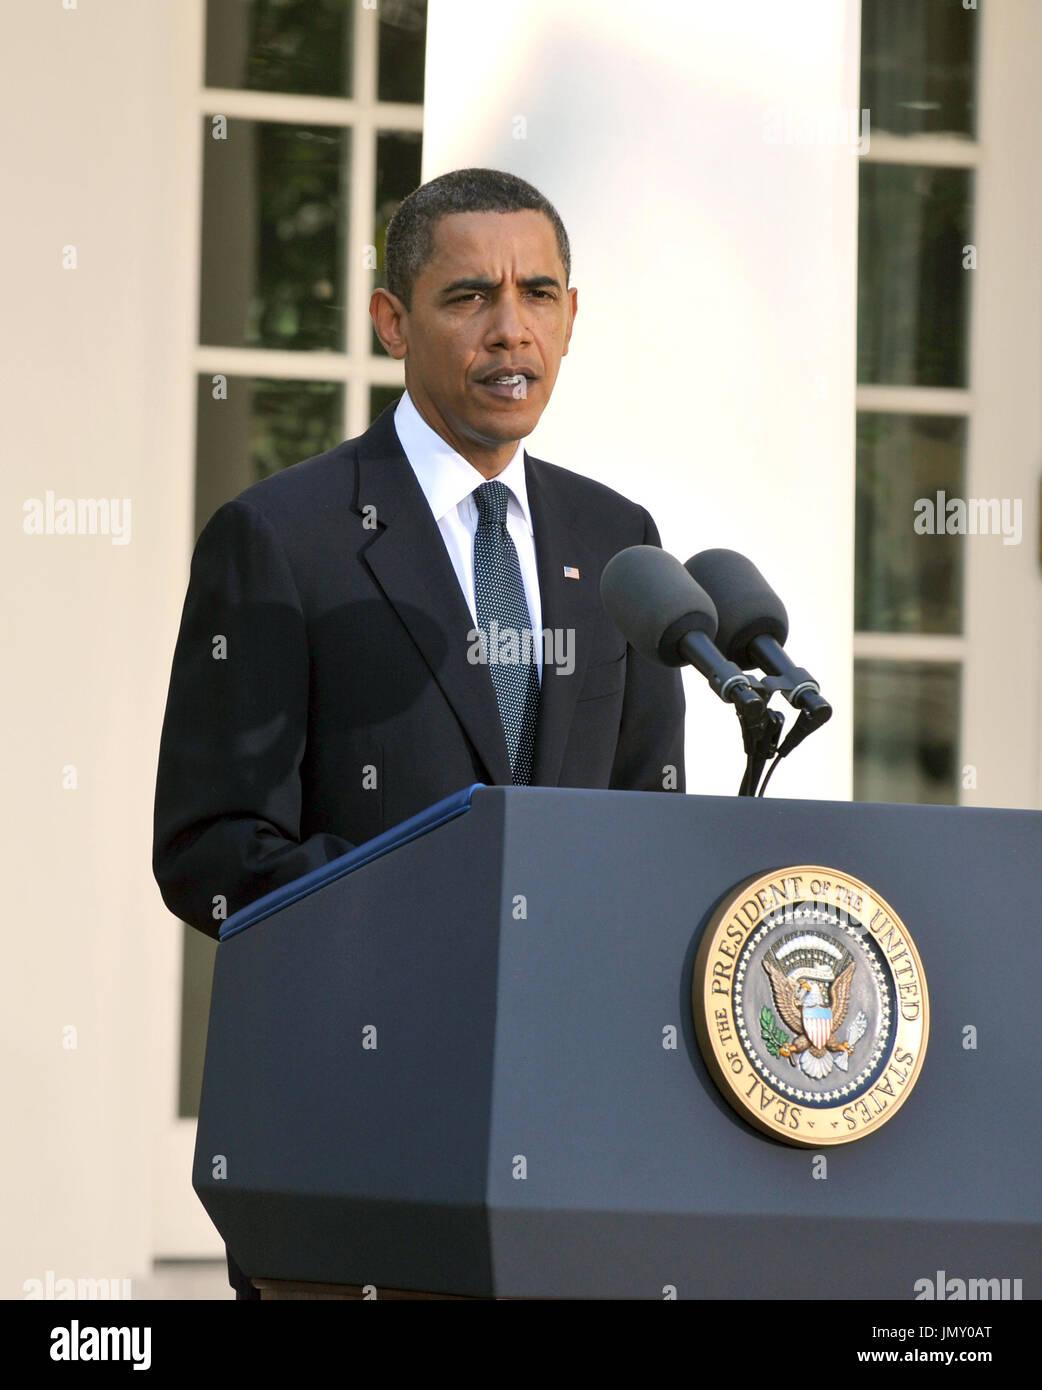 Washington, D.C. - 9 octobre 2009 -- Le président des États-Unis Barack Obama prononce une brève allocution sur son être attribué le Prix Nobel pour la paix dans la roseraie de la Maison Blanche à Washington, DC le vendredi 9 octobre 2009..Credit: Ron Sachs / CNPWashington, D.C. - 9 octobre 2009 -- Le président des États-Unis Barack Obama prononce une brève allocution sur son être attribué le Prix Nobel pour la paix dans la roseraie de la Maison Blanche à Washington, DC le vendredi 9 octobre 2009..Credit: Ron Sachs / CNP.(RESTRICTION: NO New York ou le New Jersey Journaux ou journaux dans un rayon de 75 km de nouveau Banque D'Images